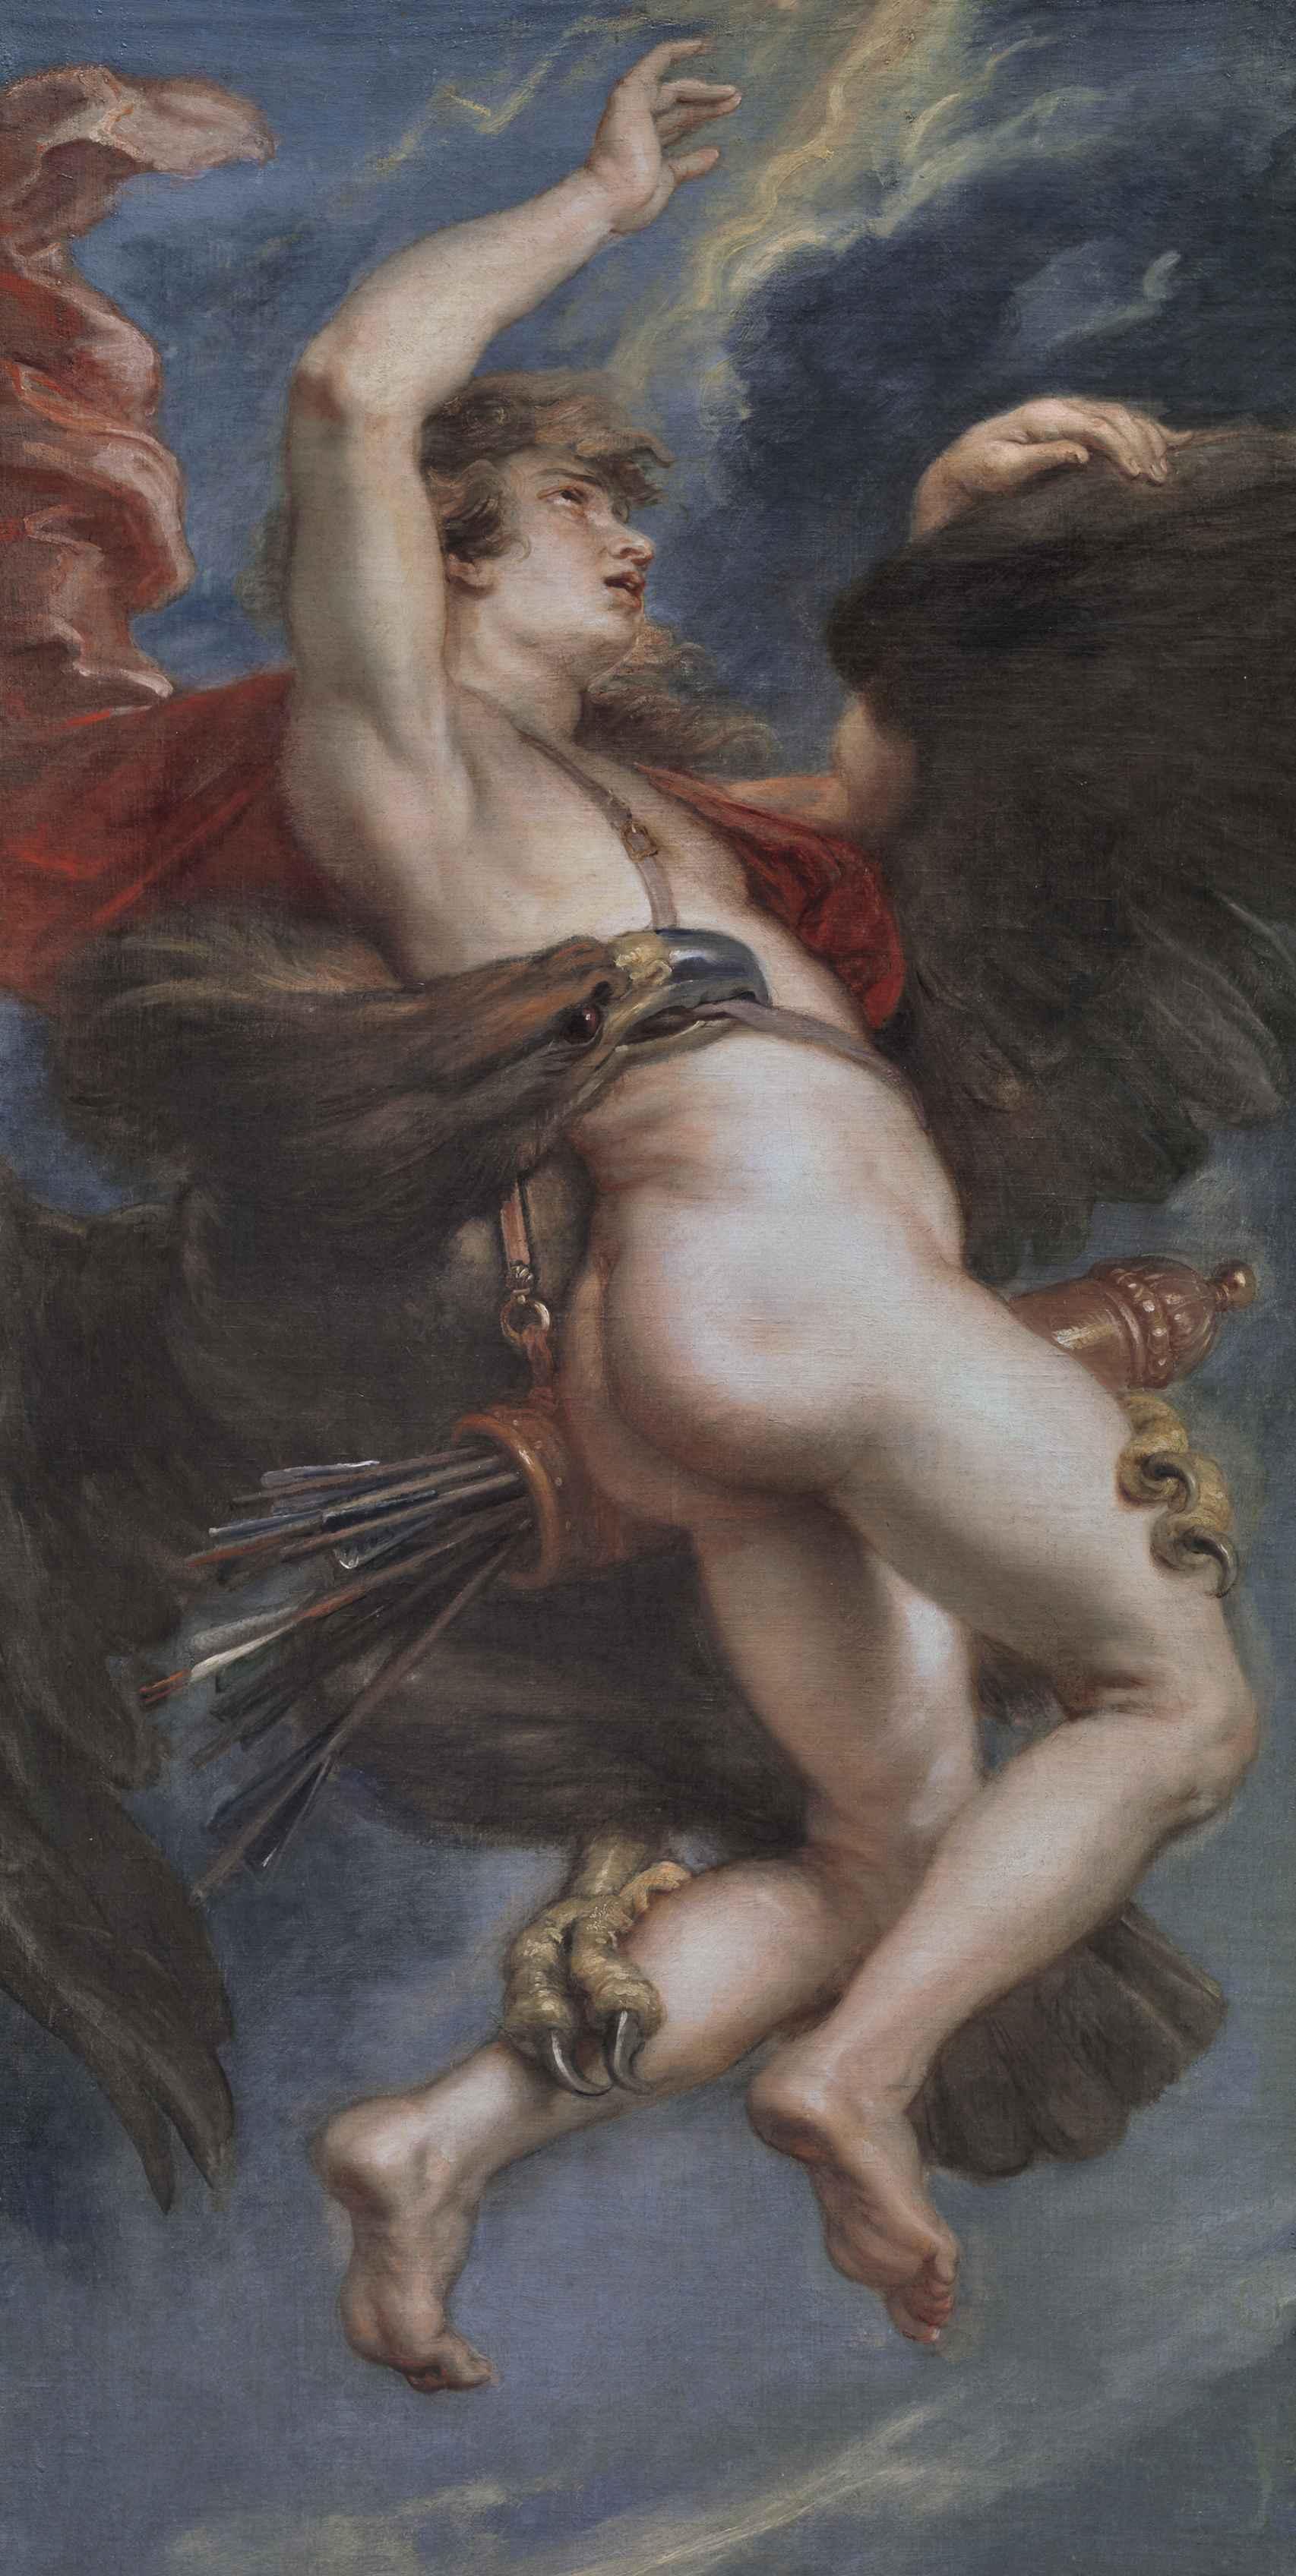 Maddalena Ventura, de José de Ribera. En depósito en el Museo del Prado.